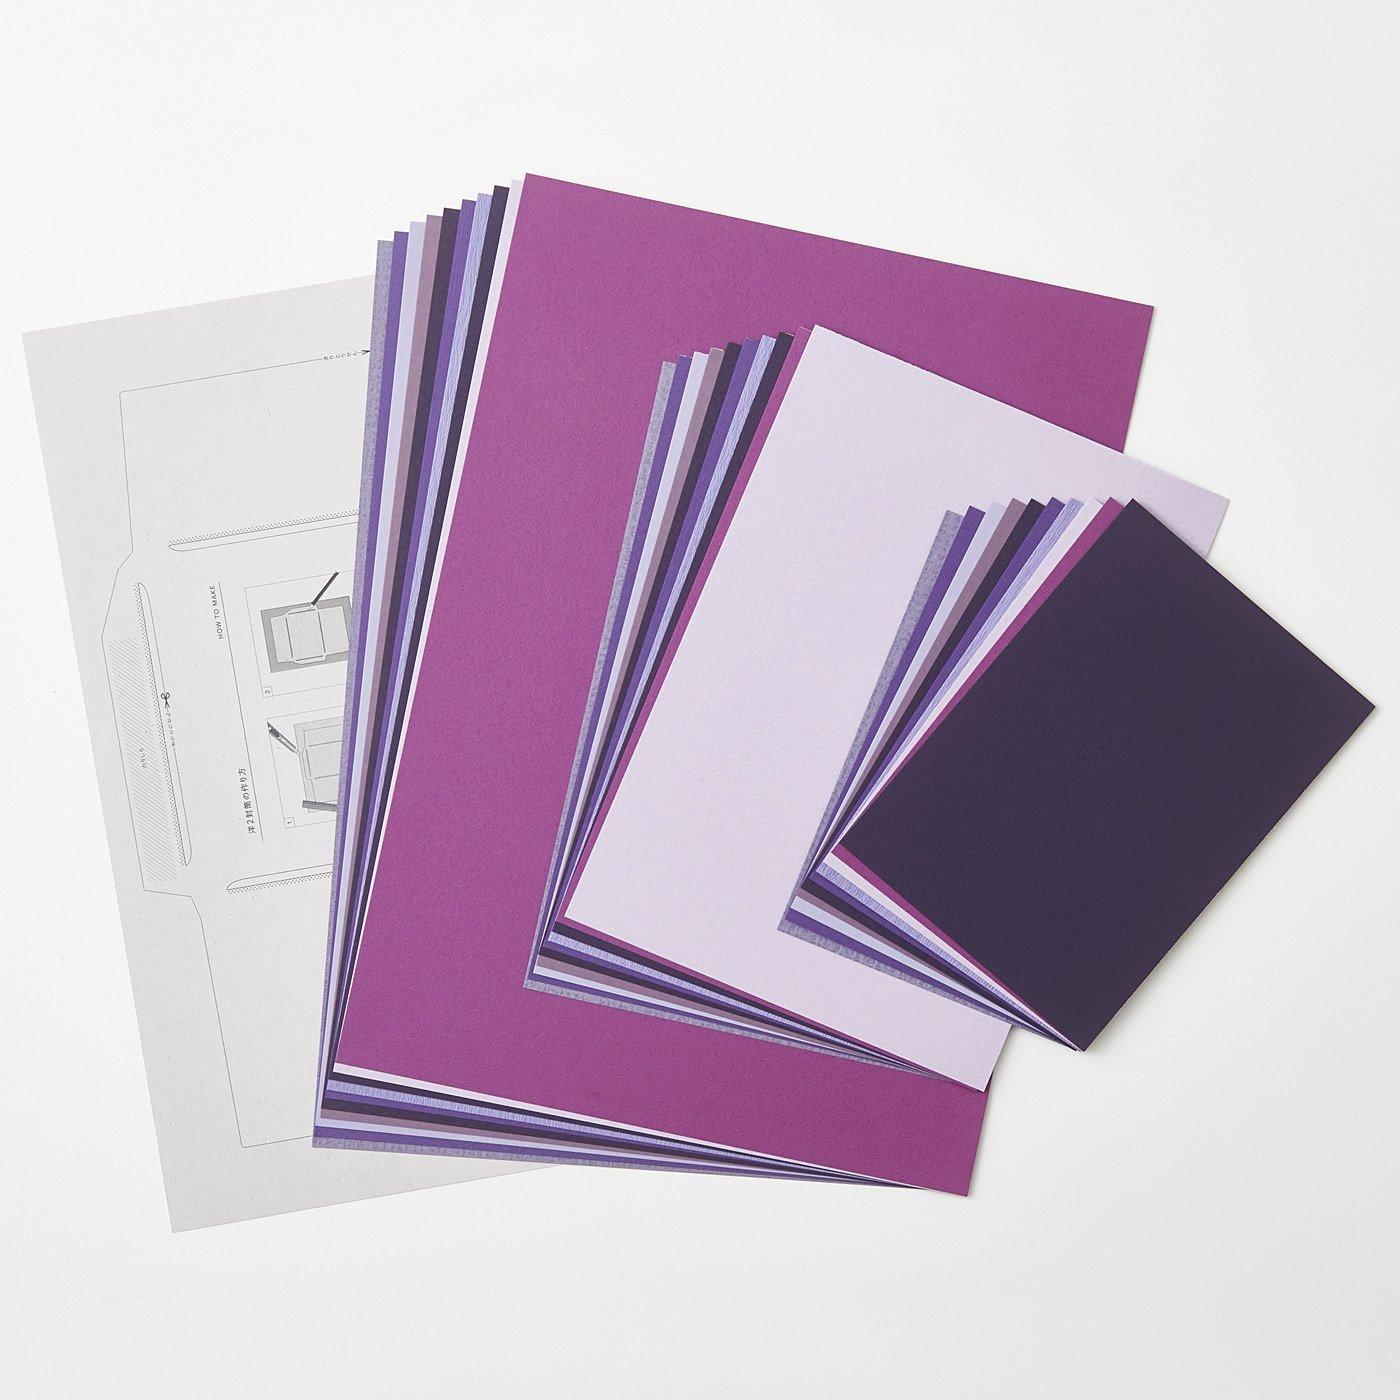 OSYAIRO 紙の専門商社竹尾が選ぶ 色を楽しむ紙セットの会〈紫〉